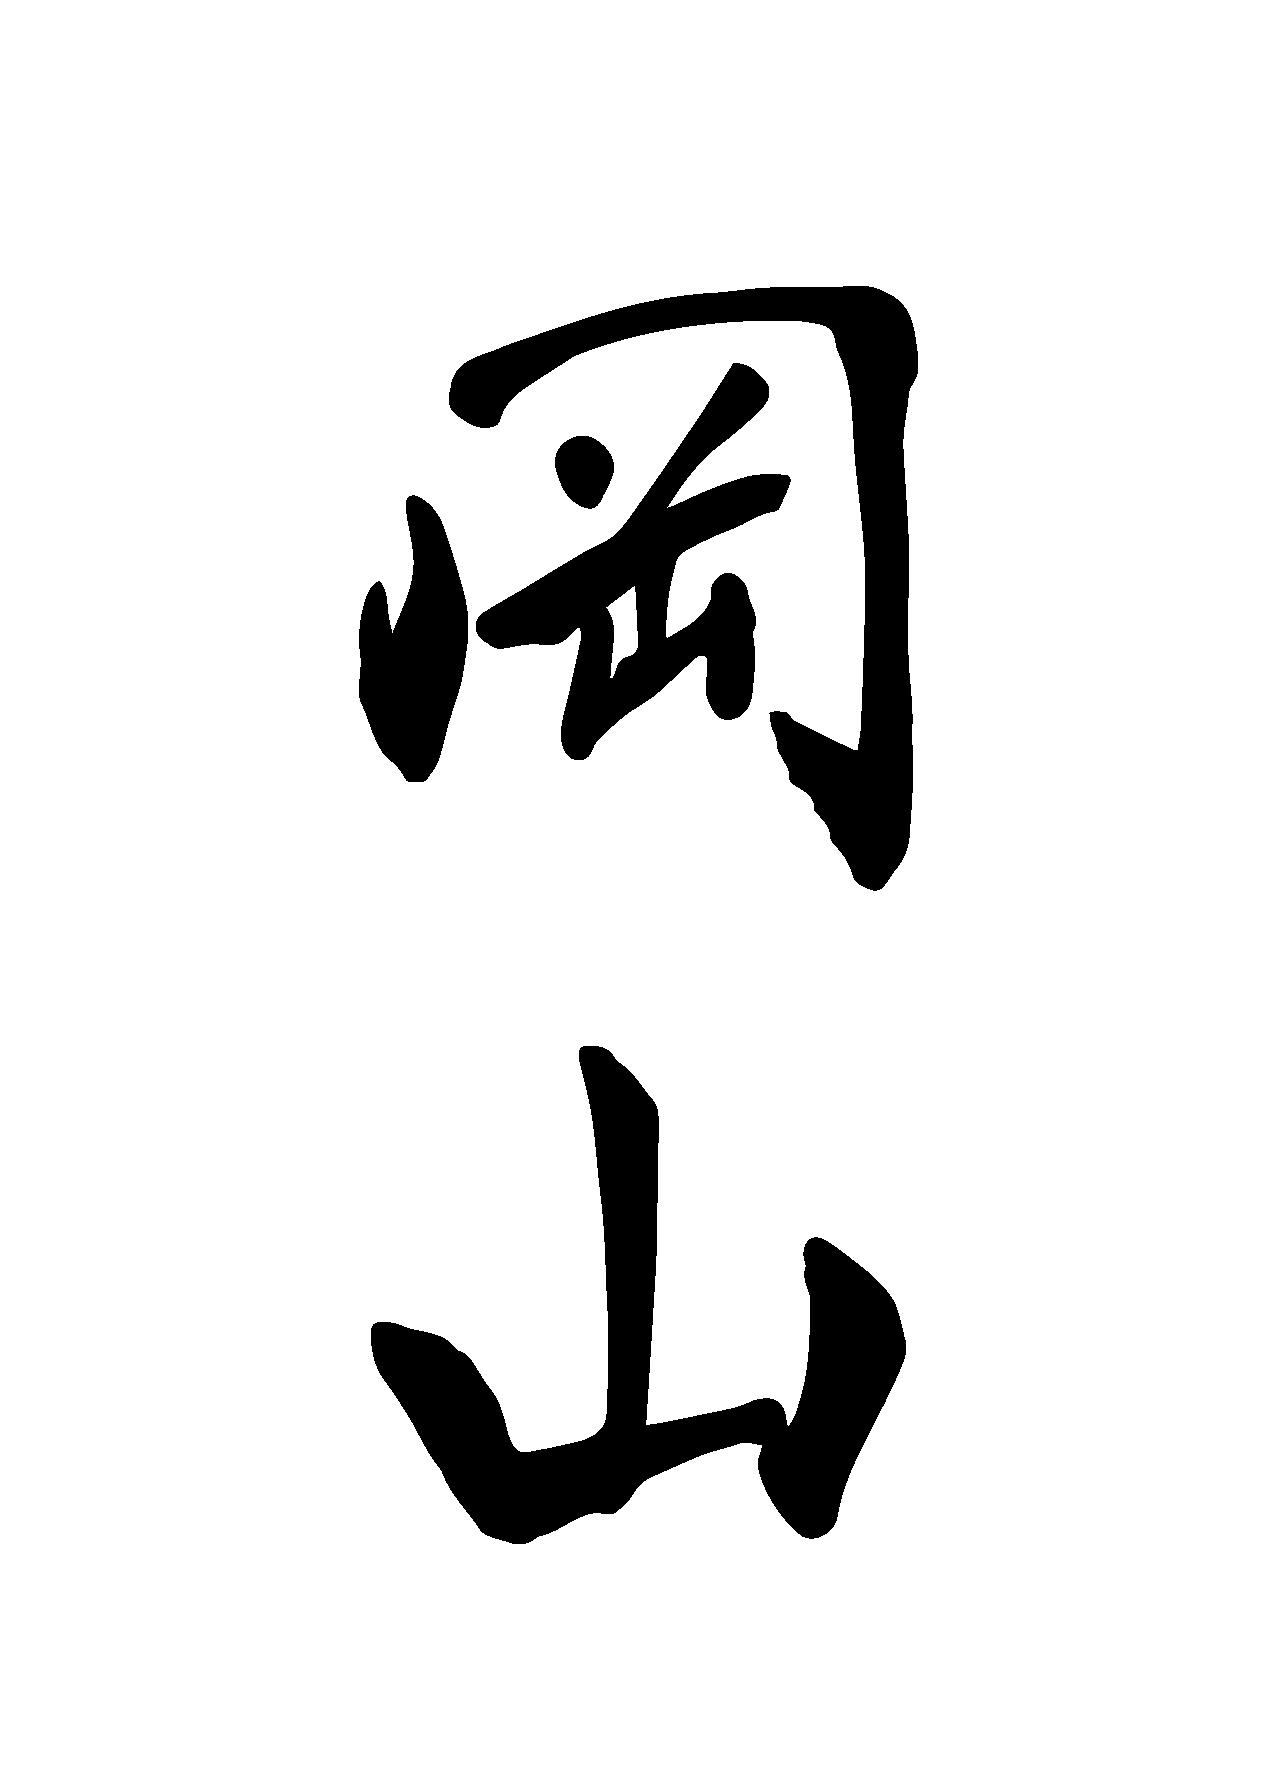 筆で書いた岡山の文字